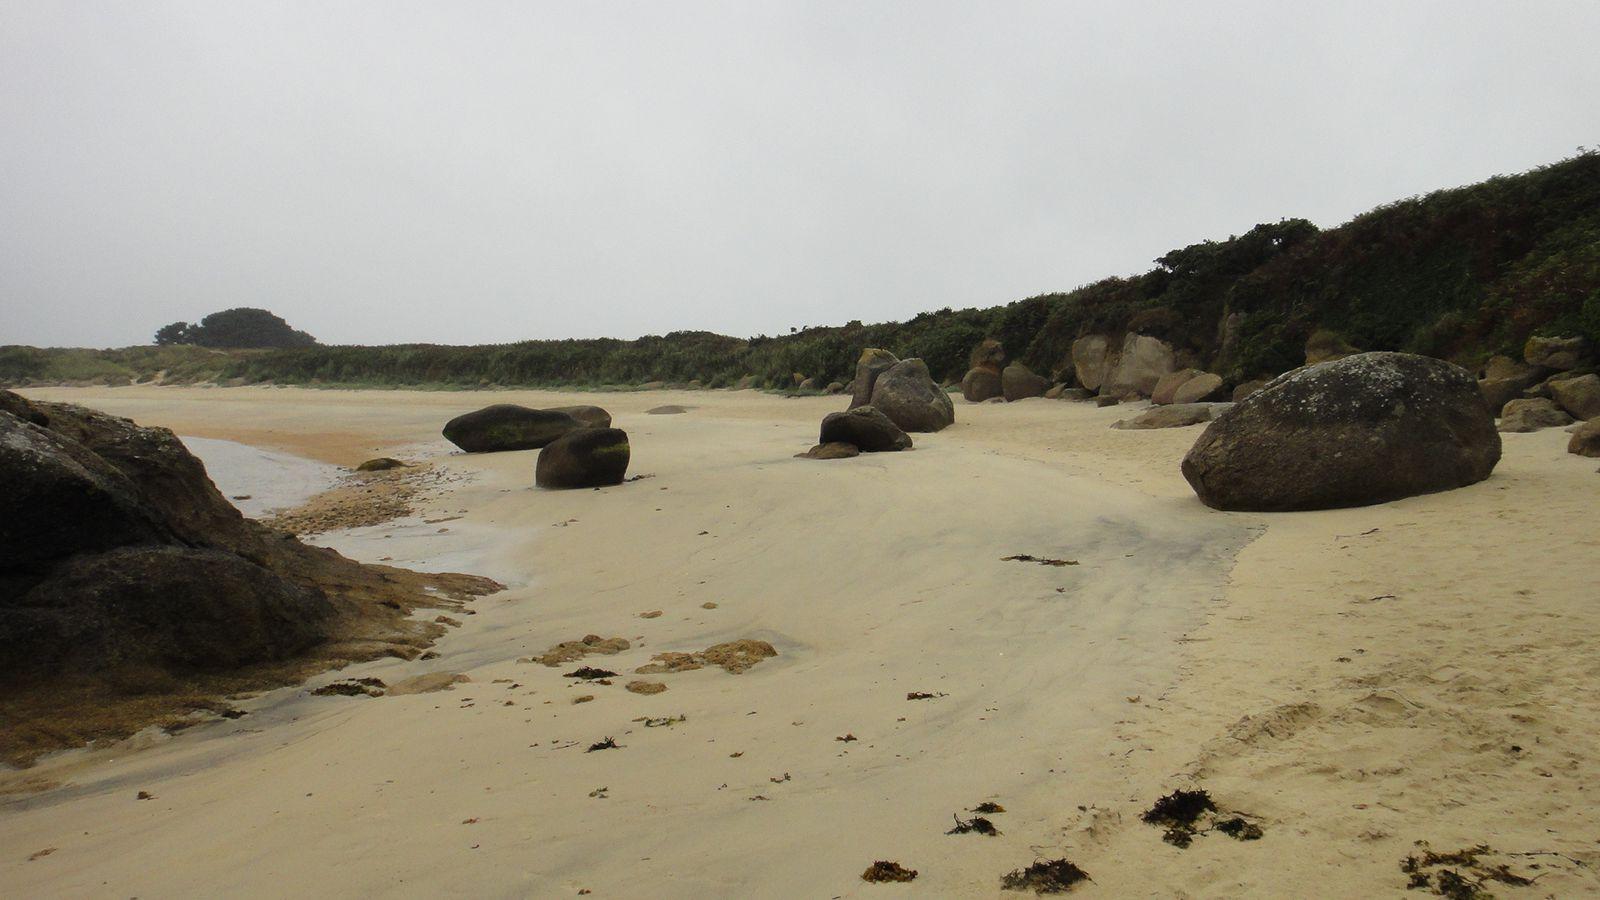 Rando kayak Ile de Batz, Ile Callot